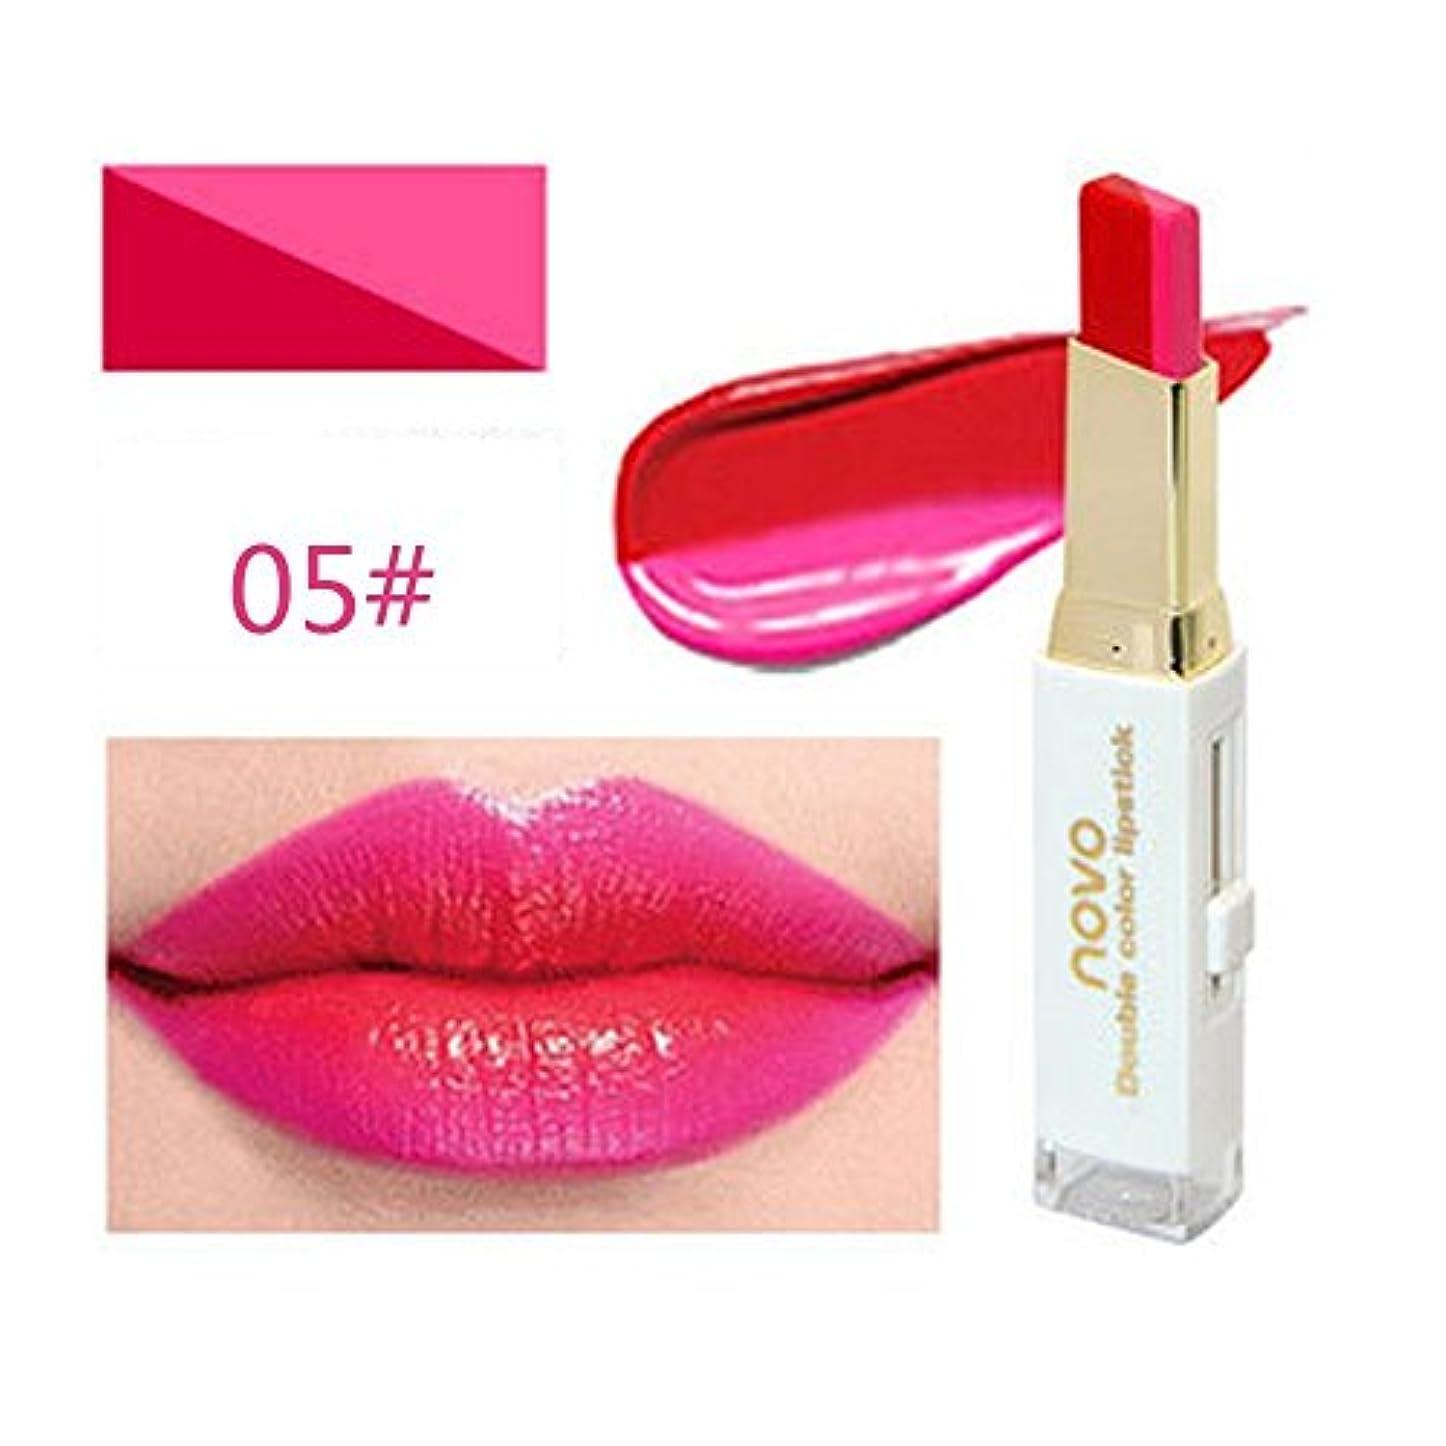 トーン ティント 変色リップ グラデーション 人気 口紅 立体感 唇ケア 落ちにくい リップバーム 3.8g 全8色 (05)